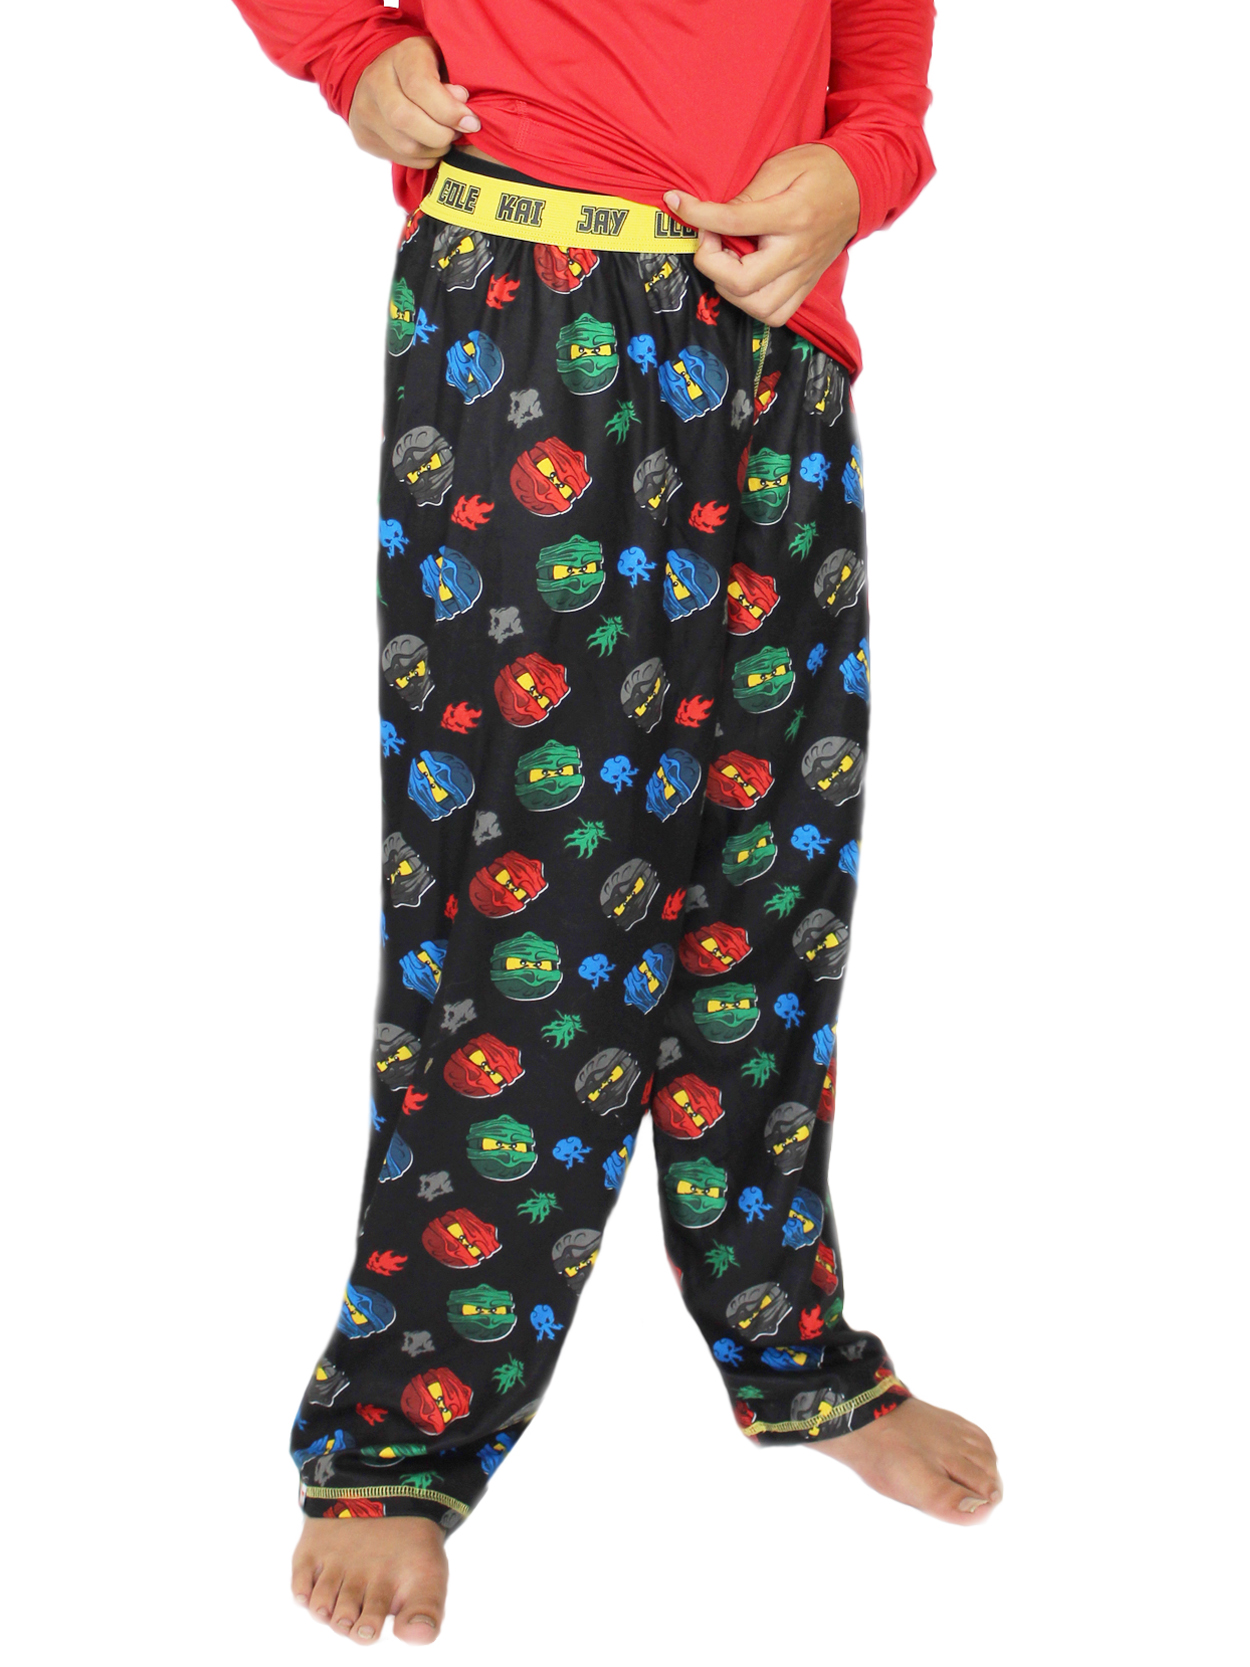 Lego Ninjago 2 PC Pajama Sleep Pants Boy Size XS 4//5